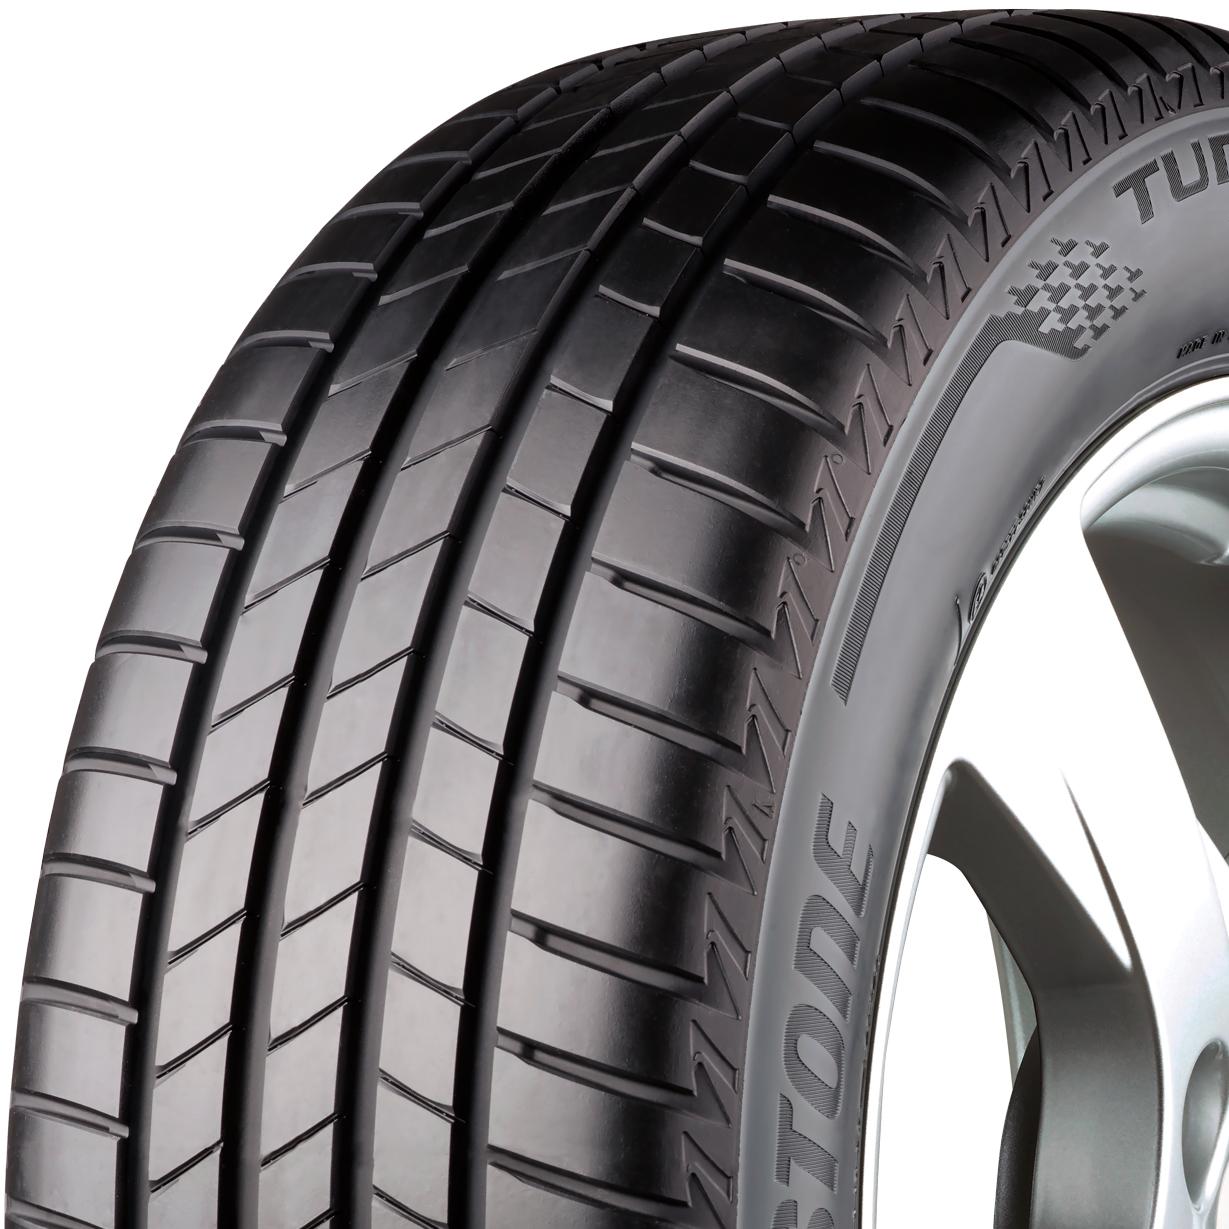 195/65R15 91T, Bridgestone, T-005